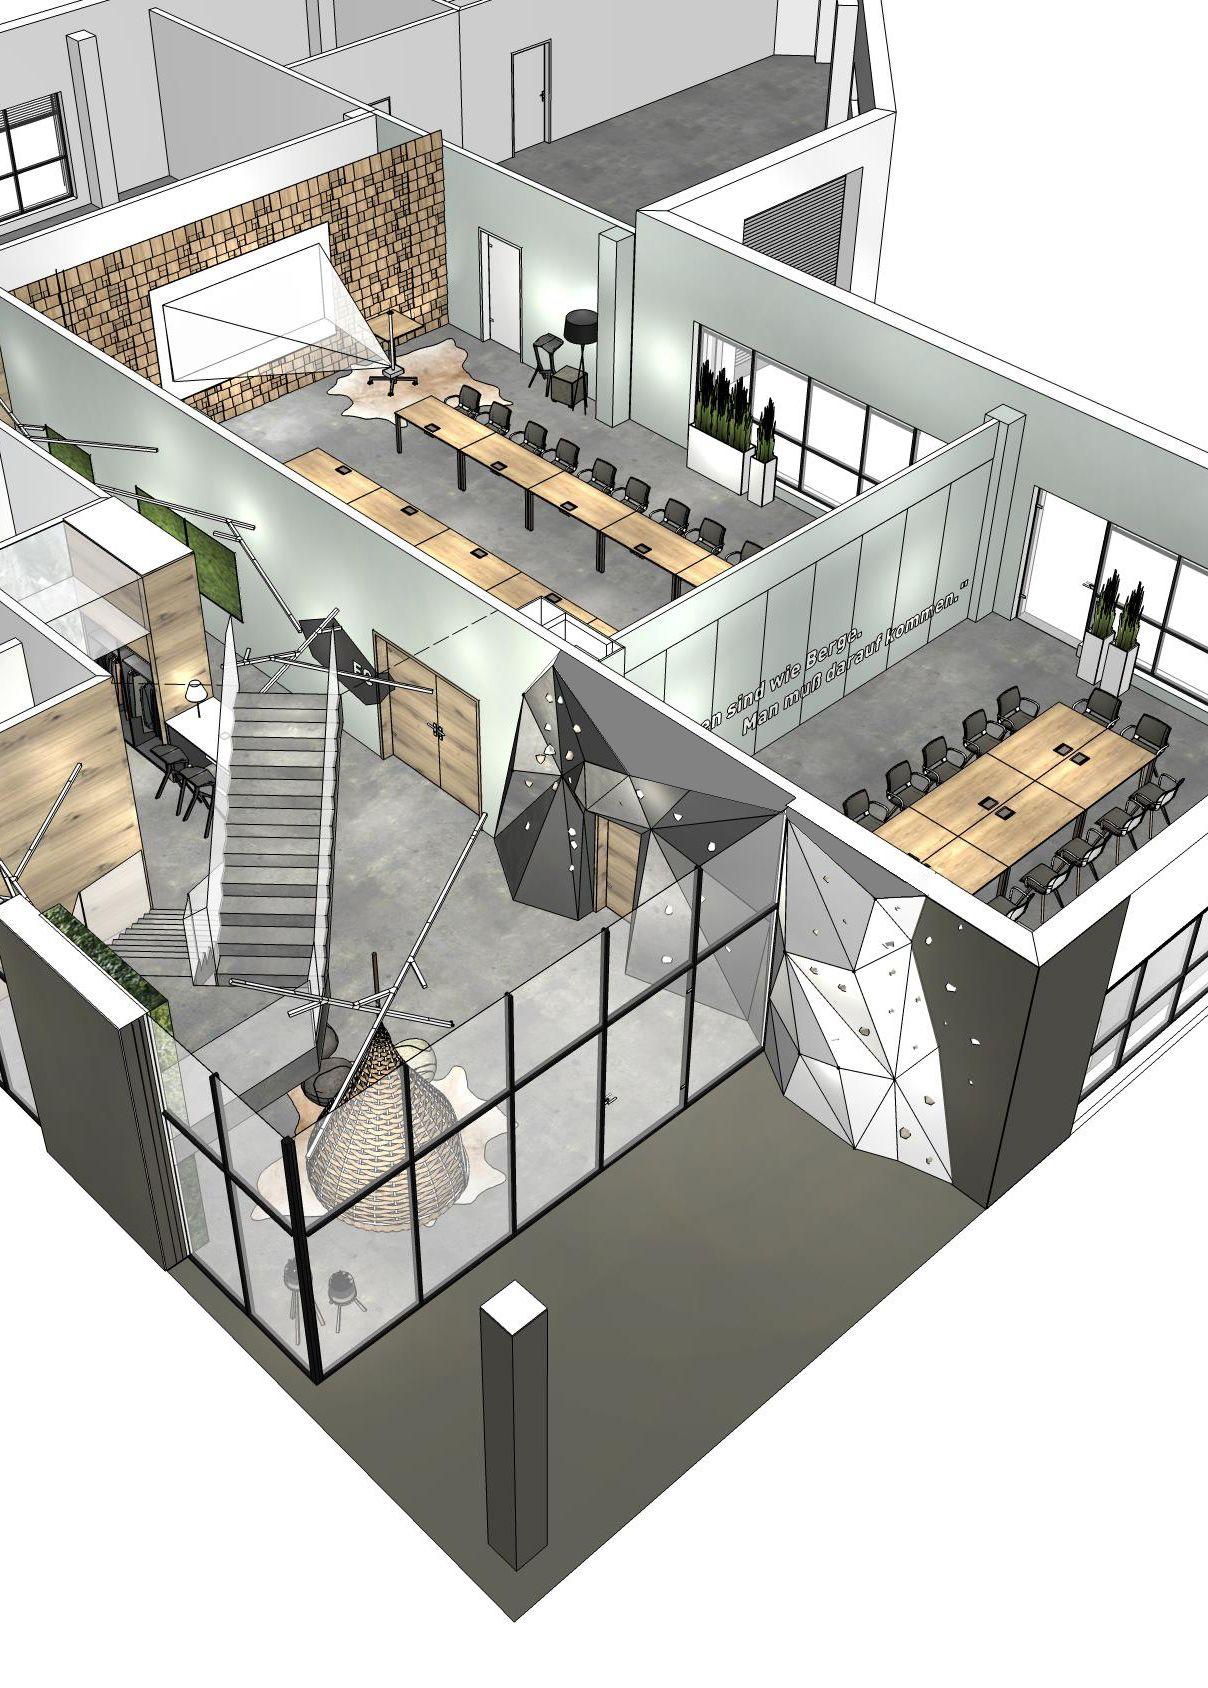 innenarchitektur moderne b roraumplanung die konsequente verwendung von holz und. Black Bedroom Furniture Sets. Home Design Ideas